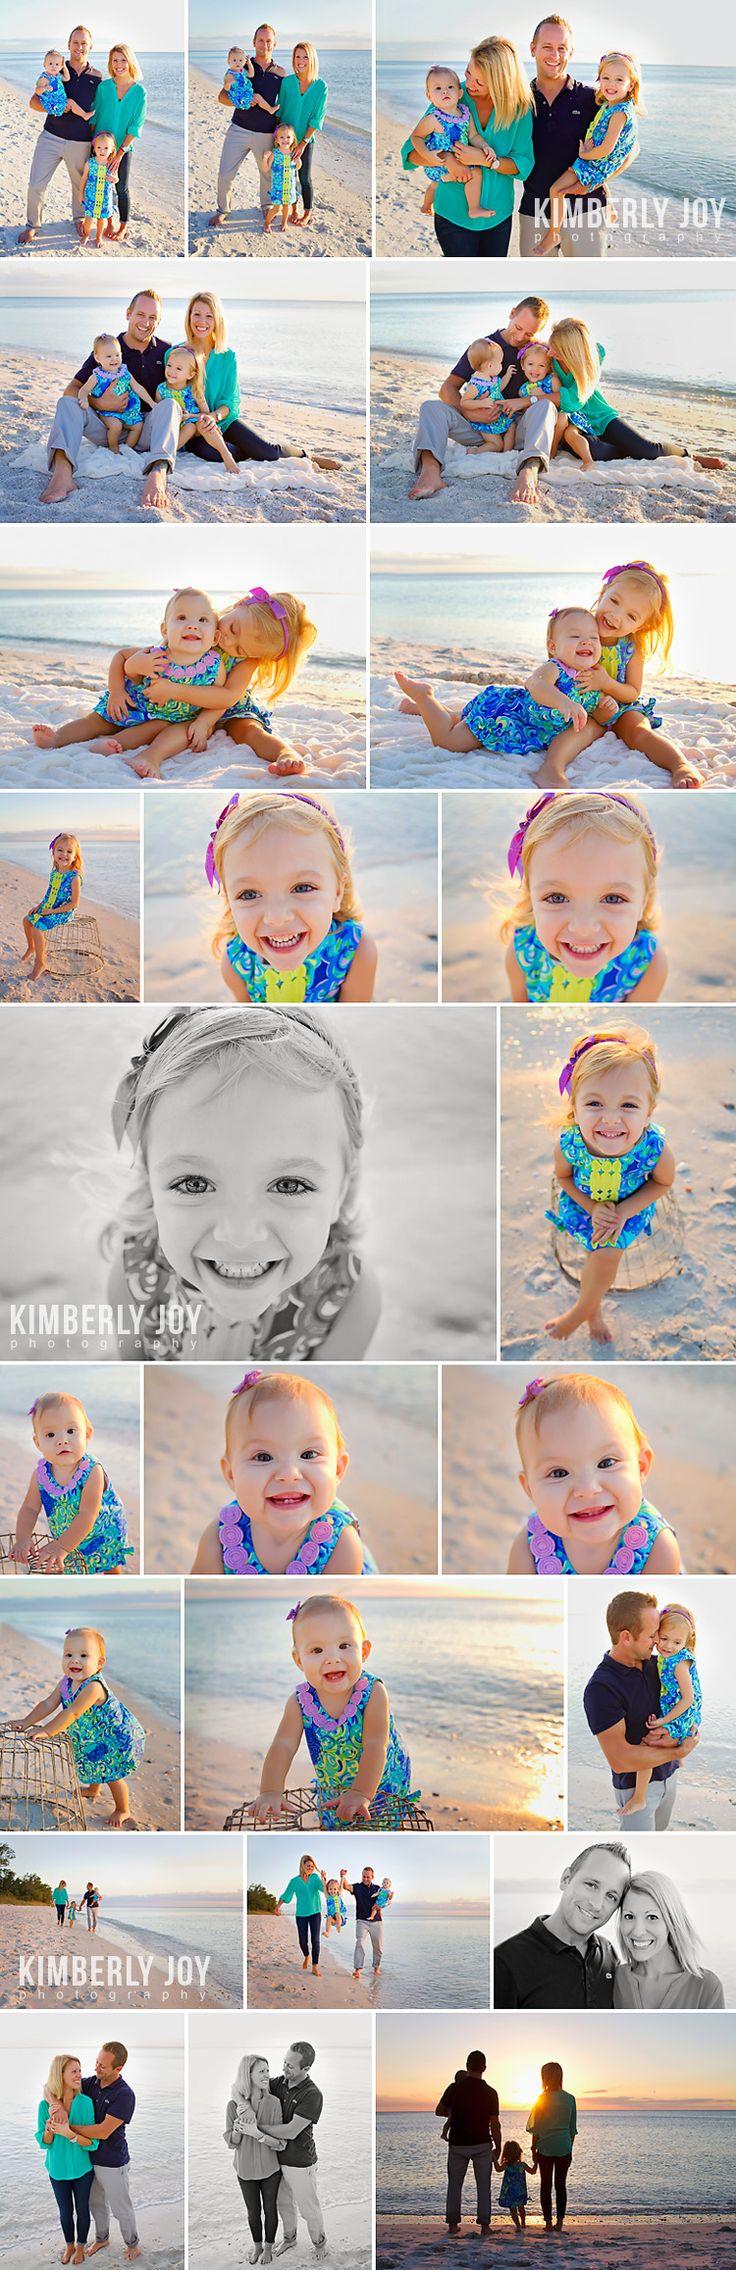 Kimberly-Alegria-Fotografia-Nápoles-Florida-família-criança-Praia-fotógrafo-mini-sessão-por do sol-Photos-Betlee Família Post Blog